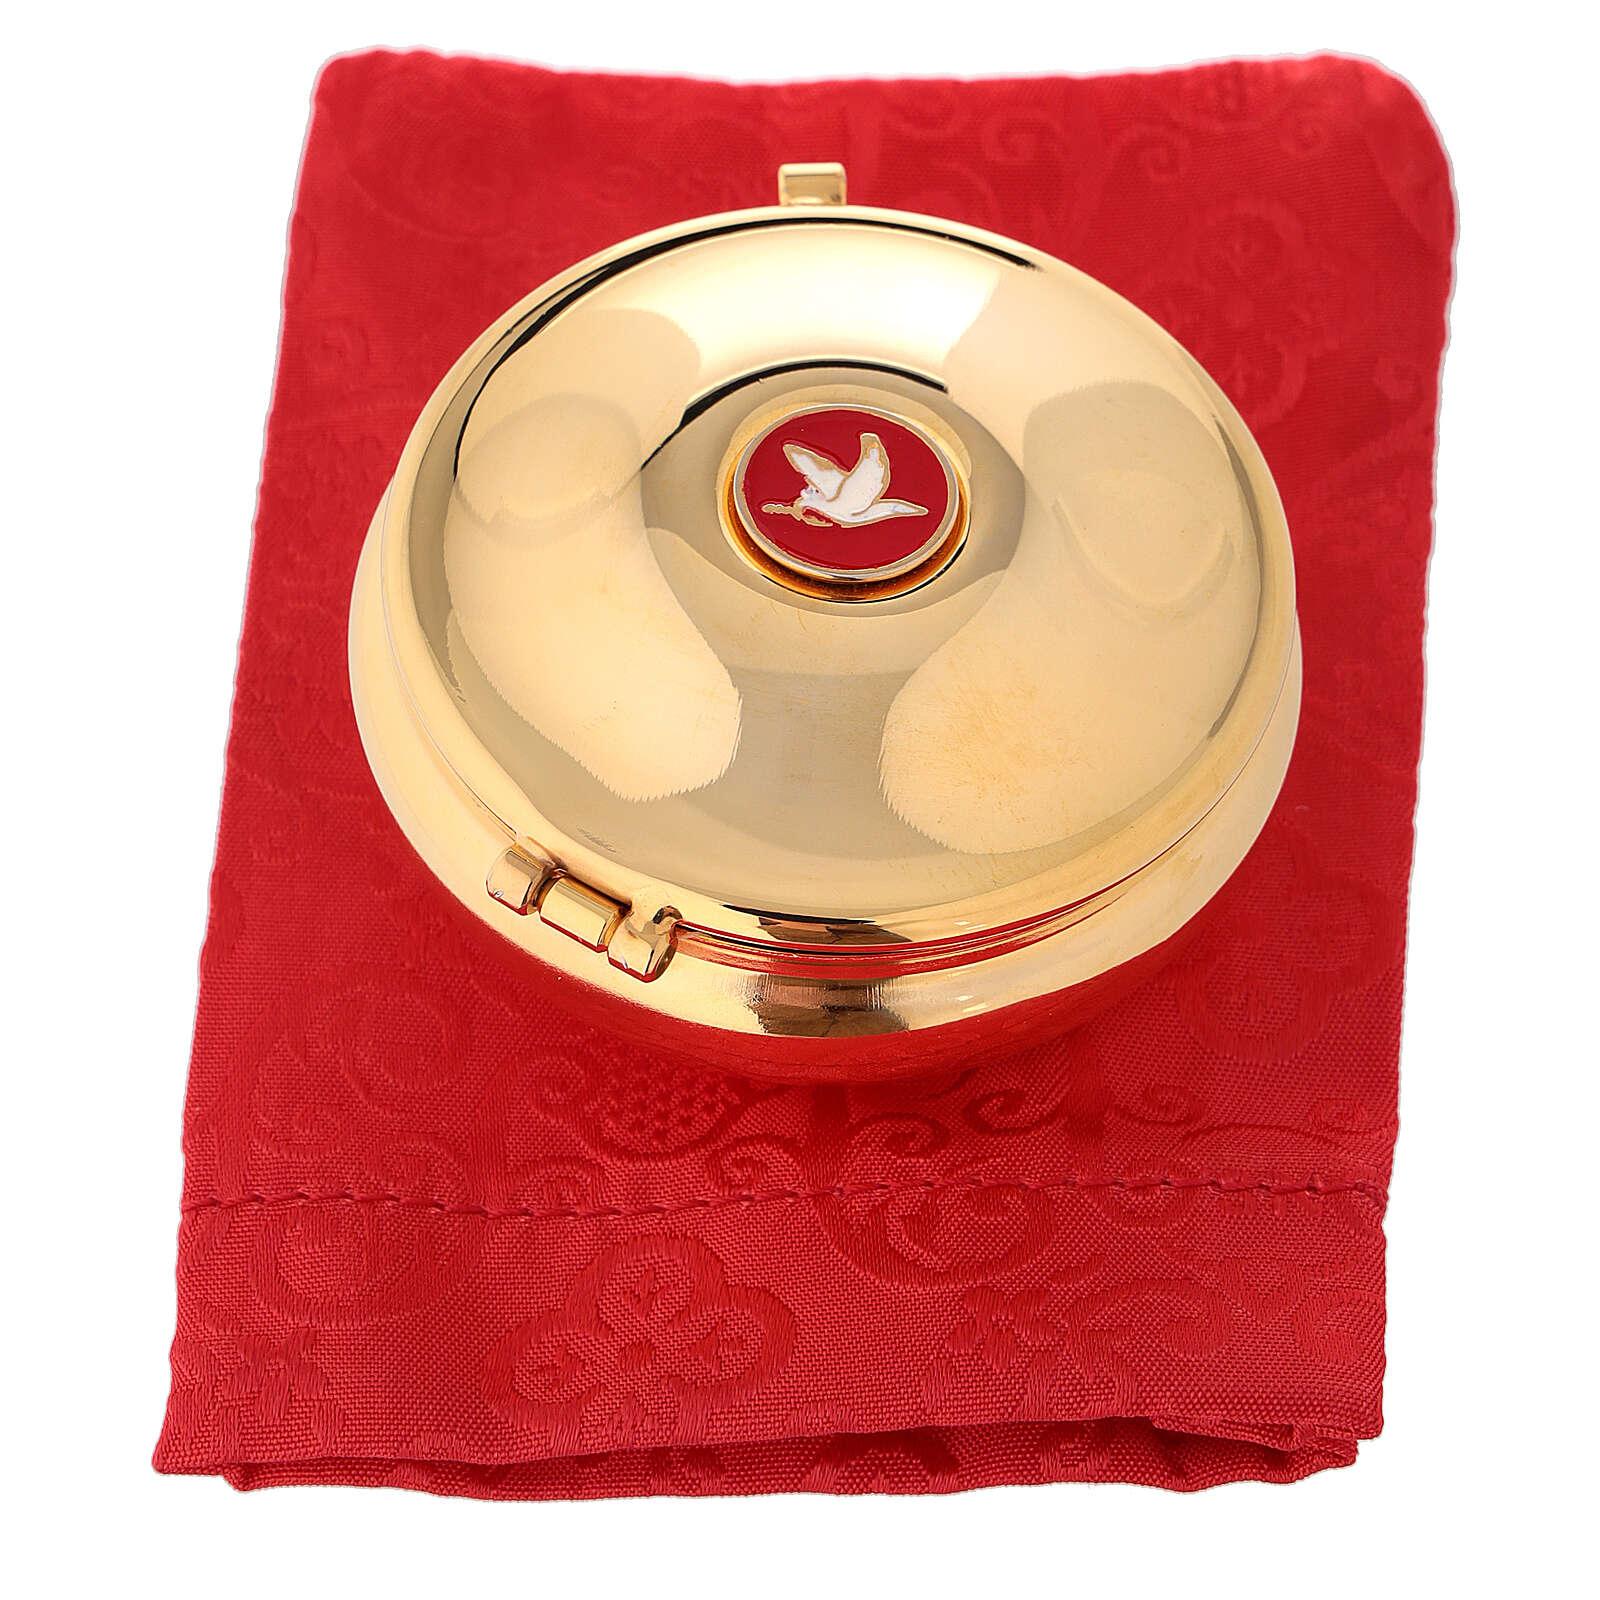 Relicario dorado con paloma esmaltada y saco rojo 3